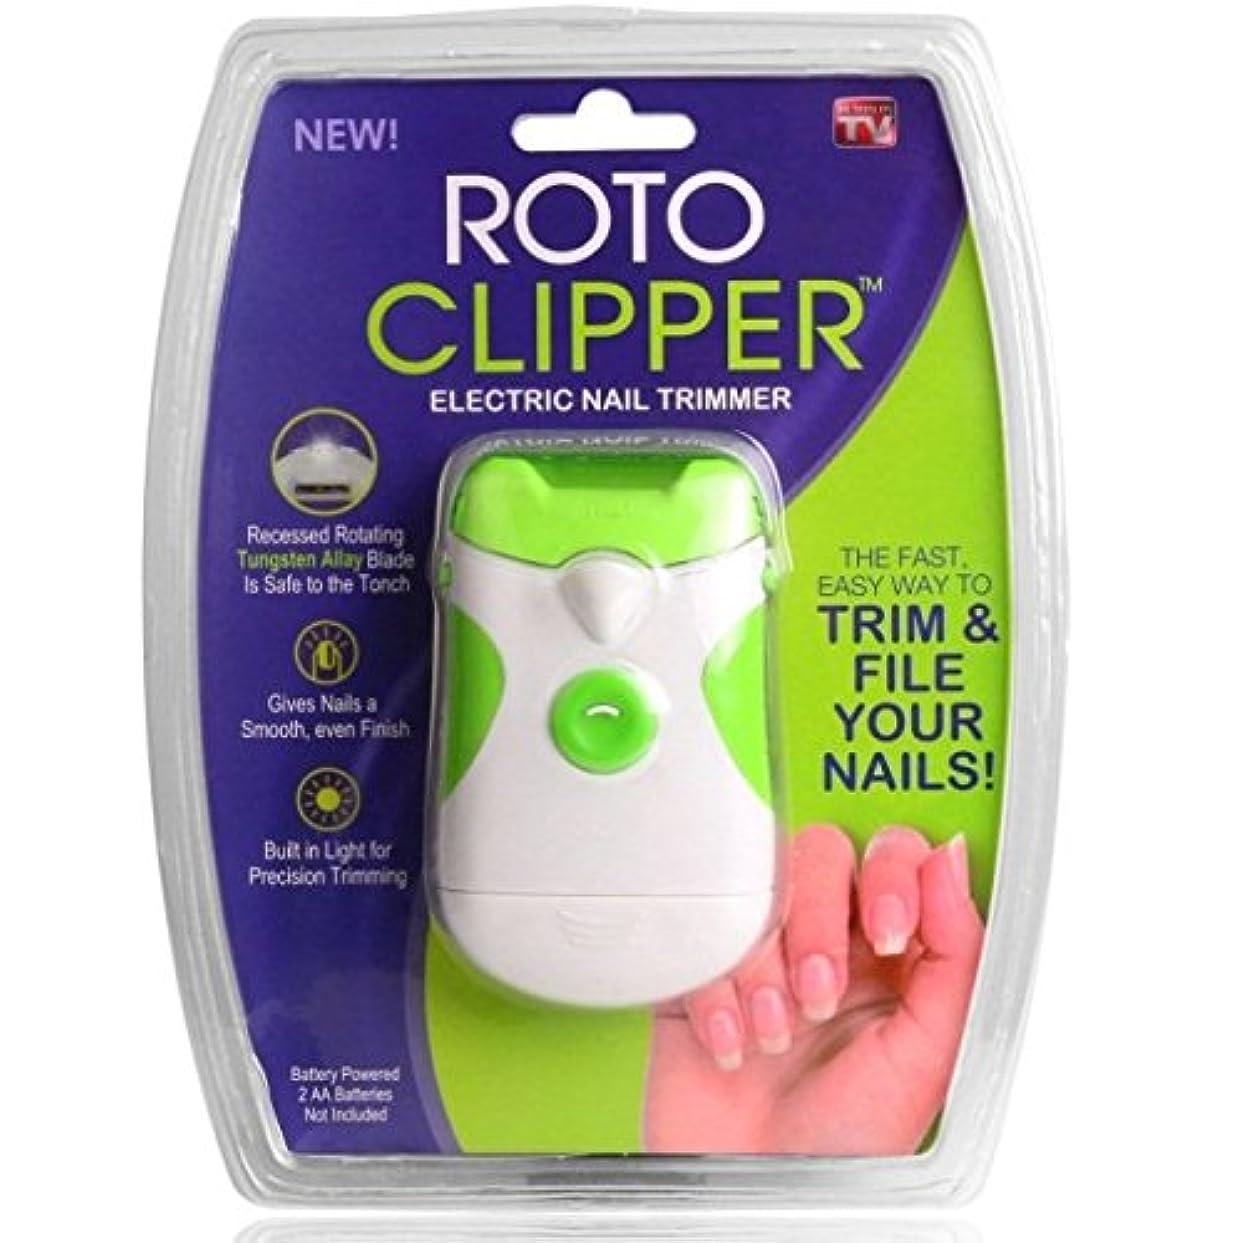 袋せせらぎ矢じりROTO 電動 爪やすり 爪切り 巻き爪 ネイルケア 爪のトラブル 電池式 LEDライト付き 【並行輸入品】